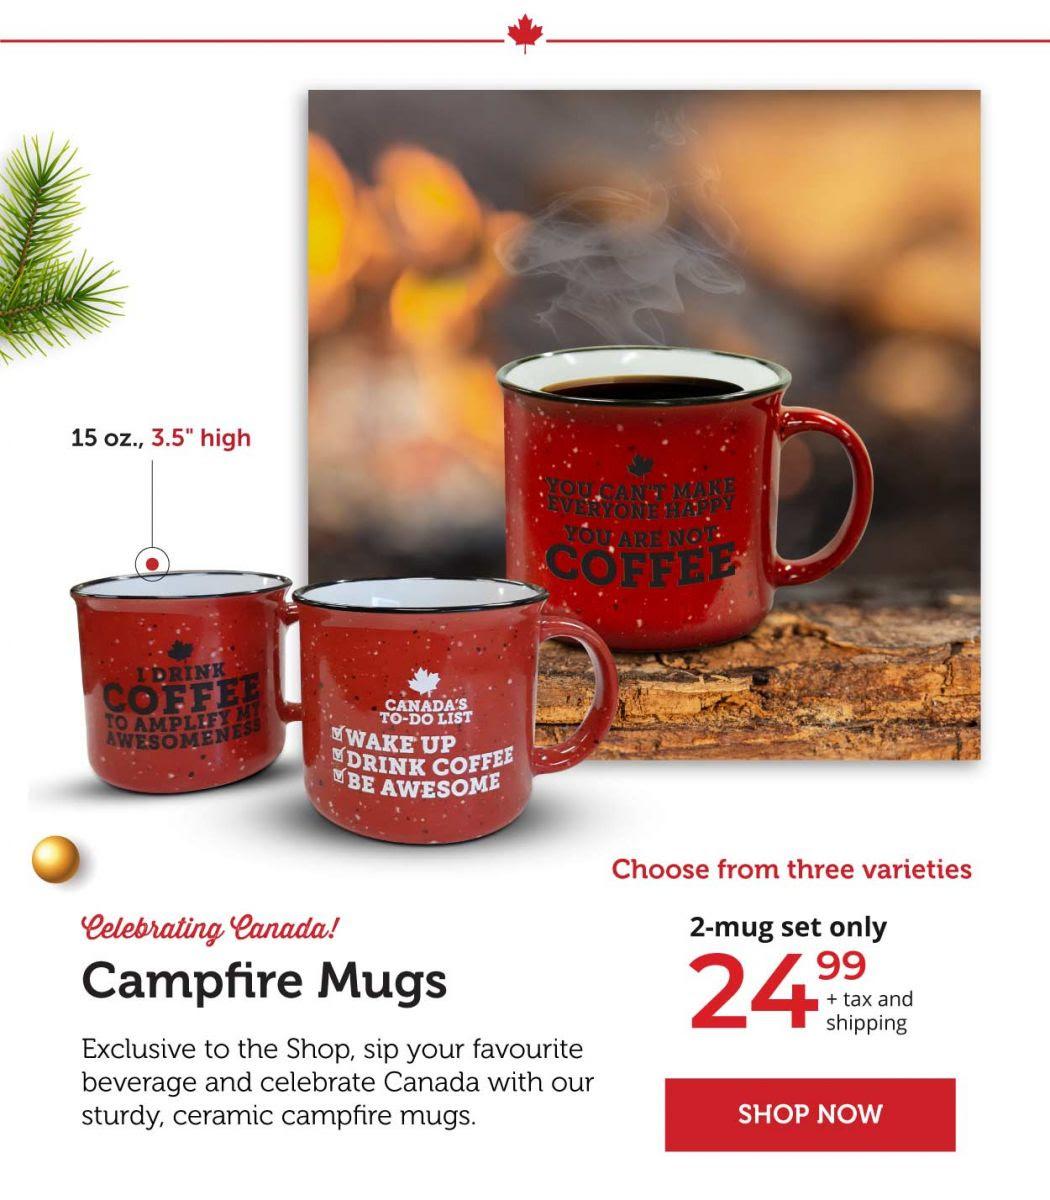 Campfire Mugs - Celebrating Canada